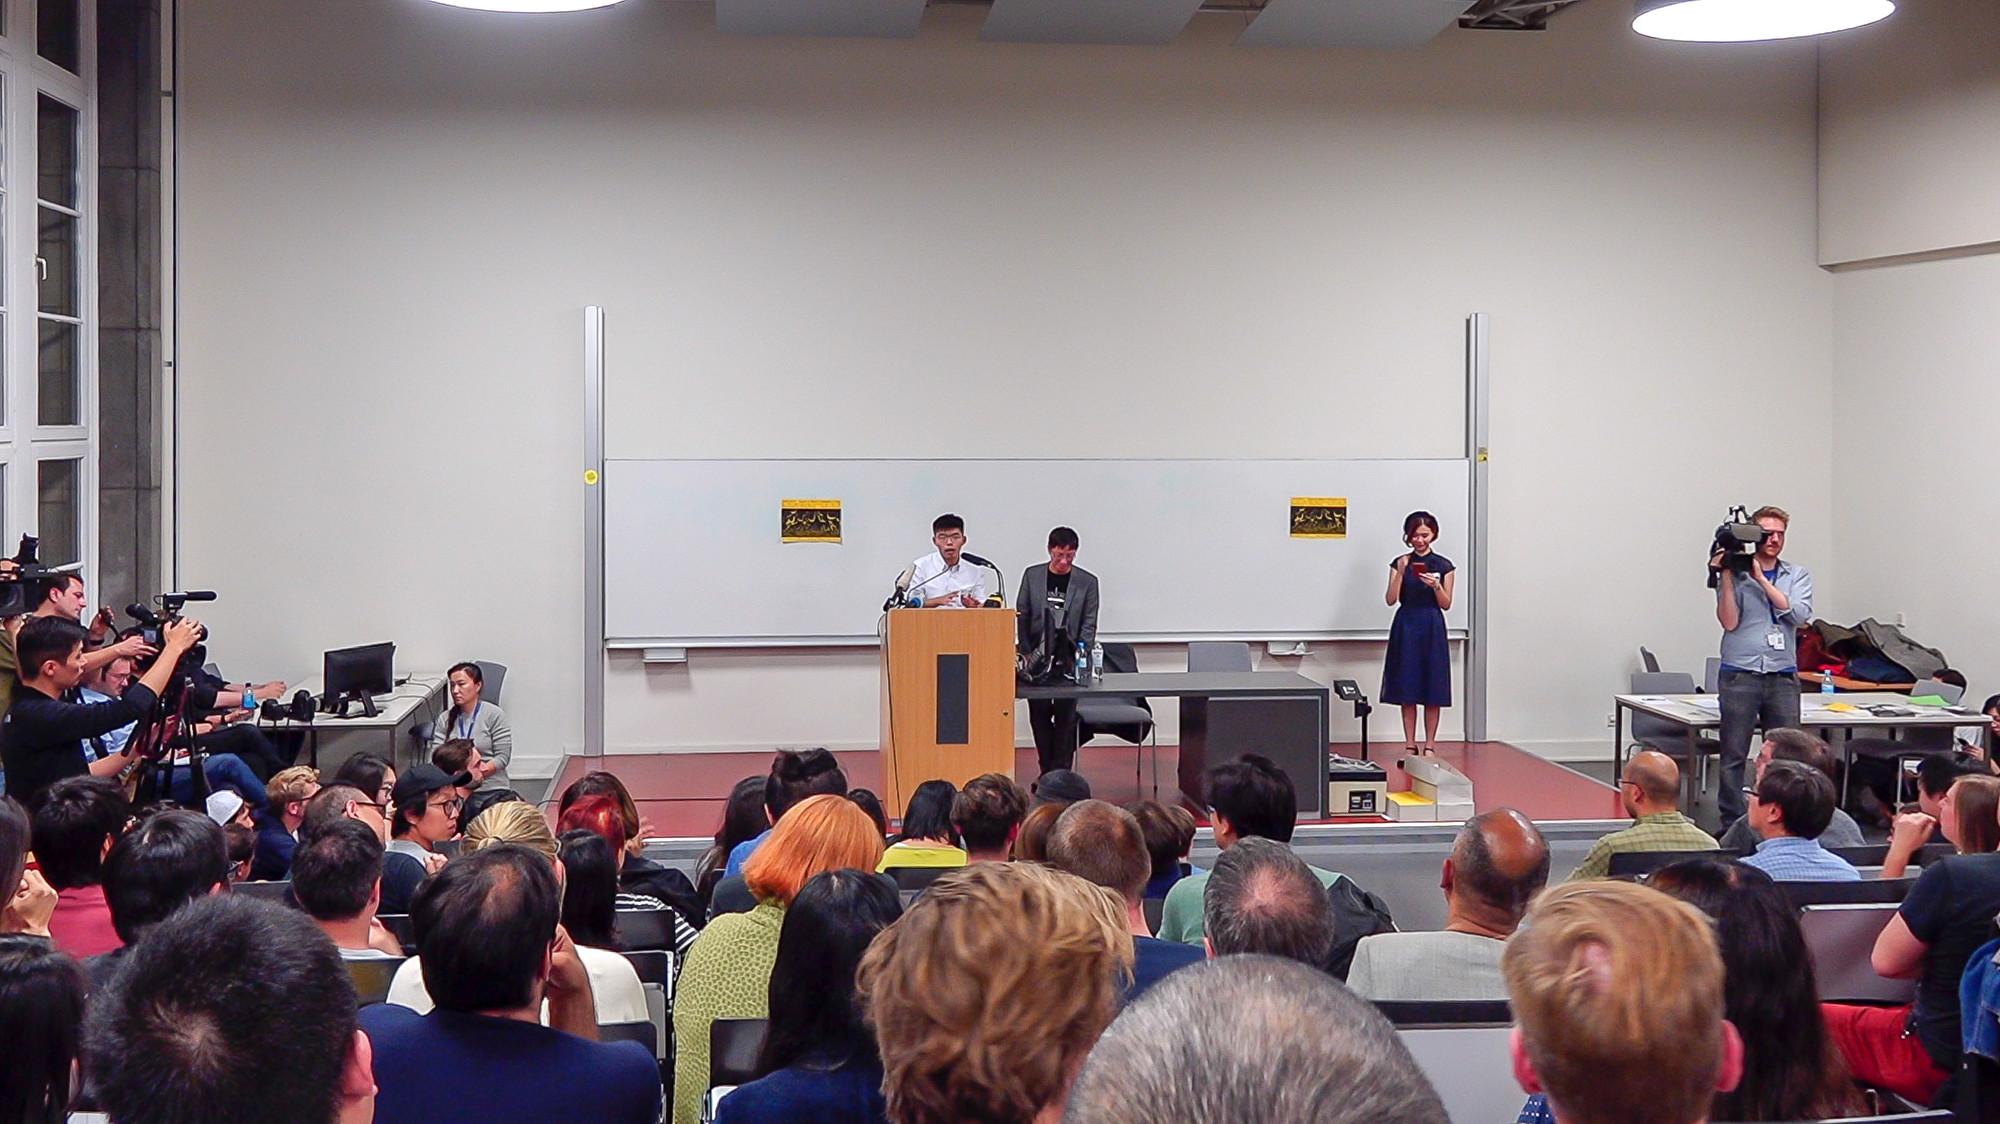 9月11日晚,黃之鋒在柏林洪堡大學發表演講,回答聽眾問題。(張清颻/大紀元)